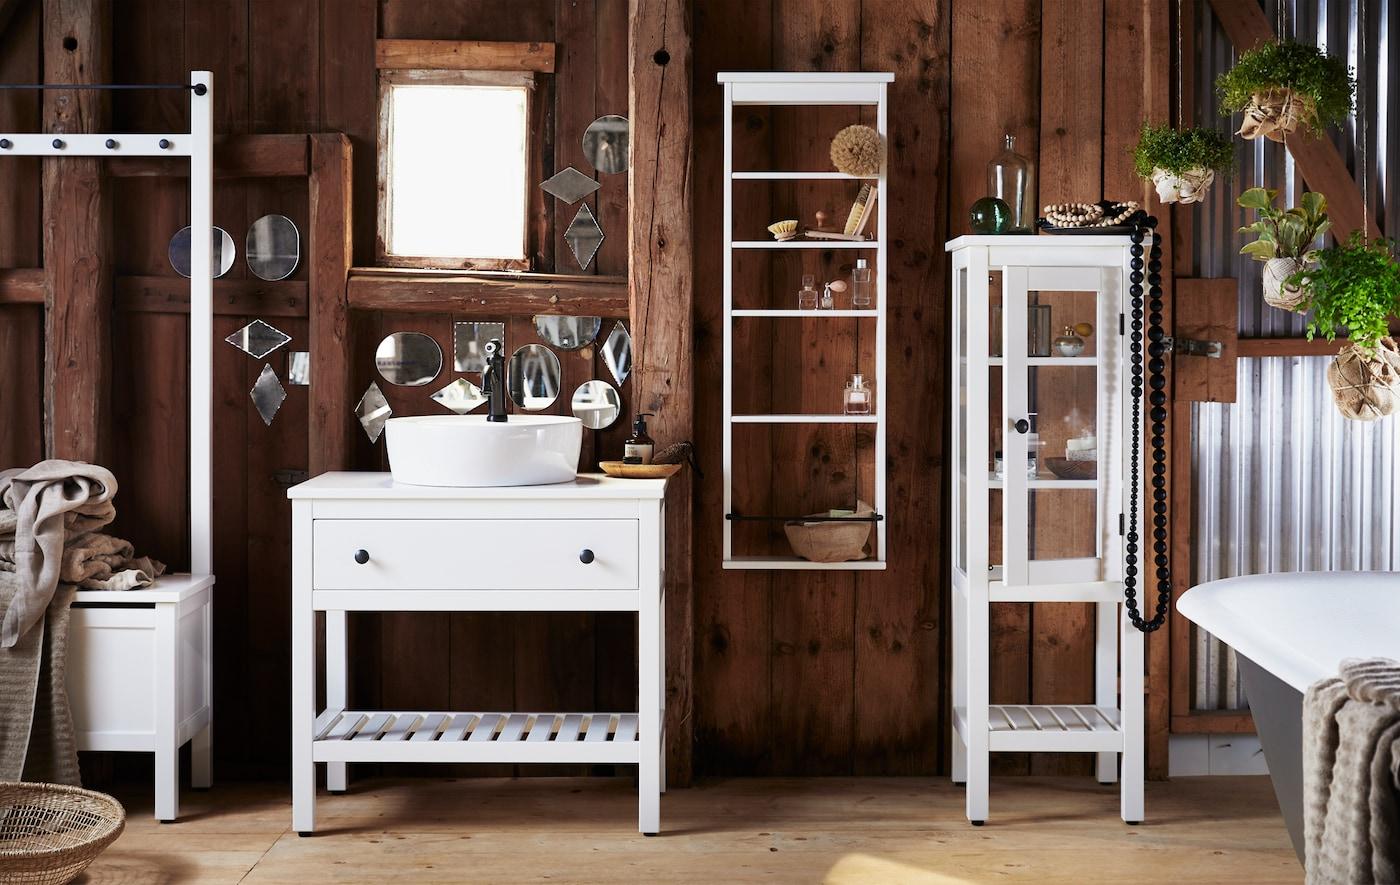 Łazienka ze ścianami z ciemnego drewna i białymi meblami do przechowywania w tradycyjnym stylu.